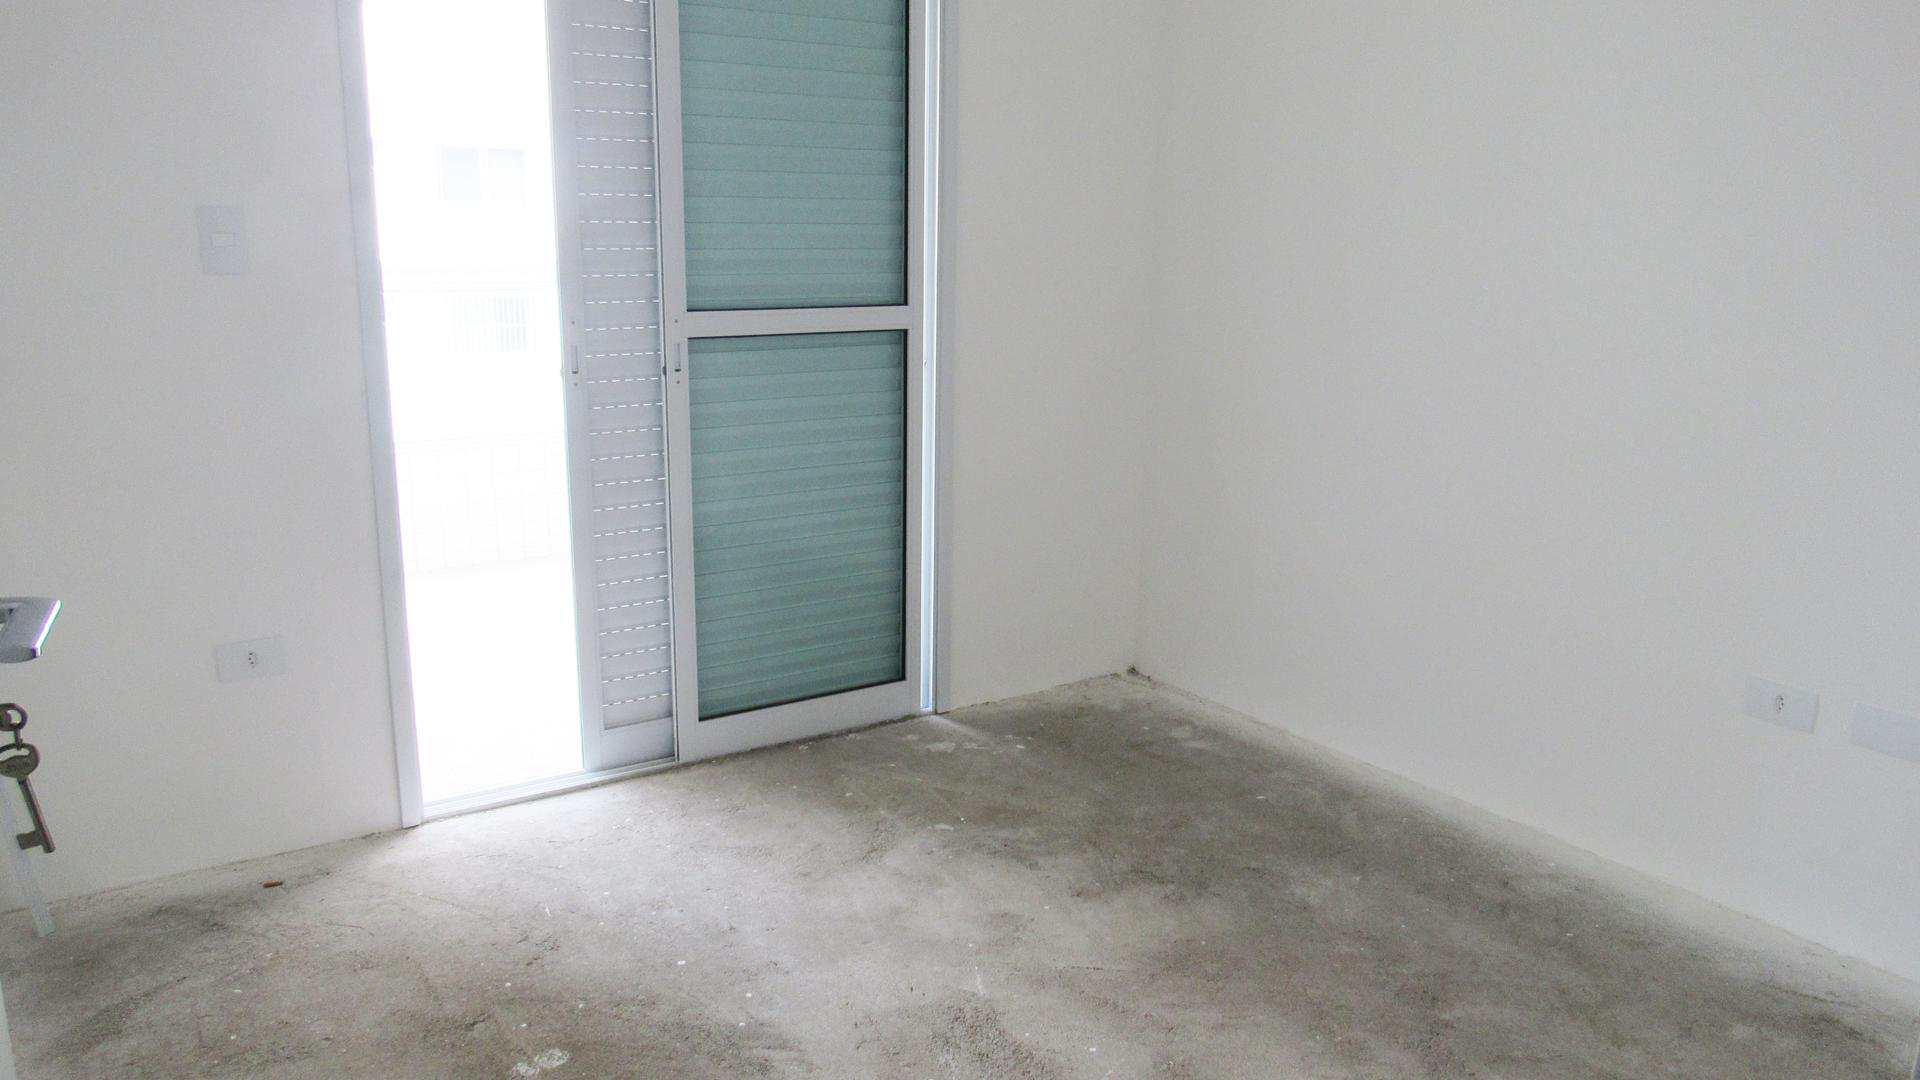 09-Apartamento 2 dorms no Forte em Praia Grande